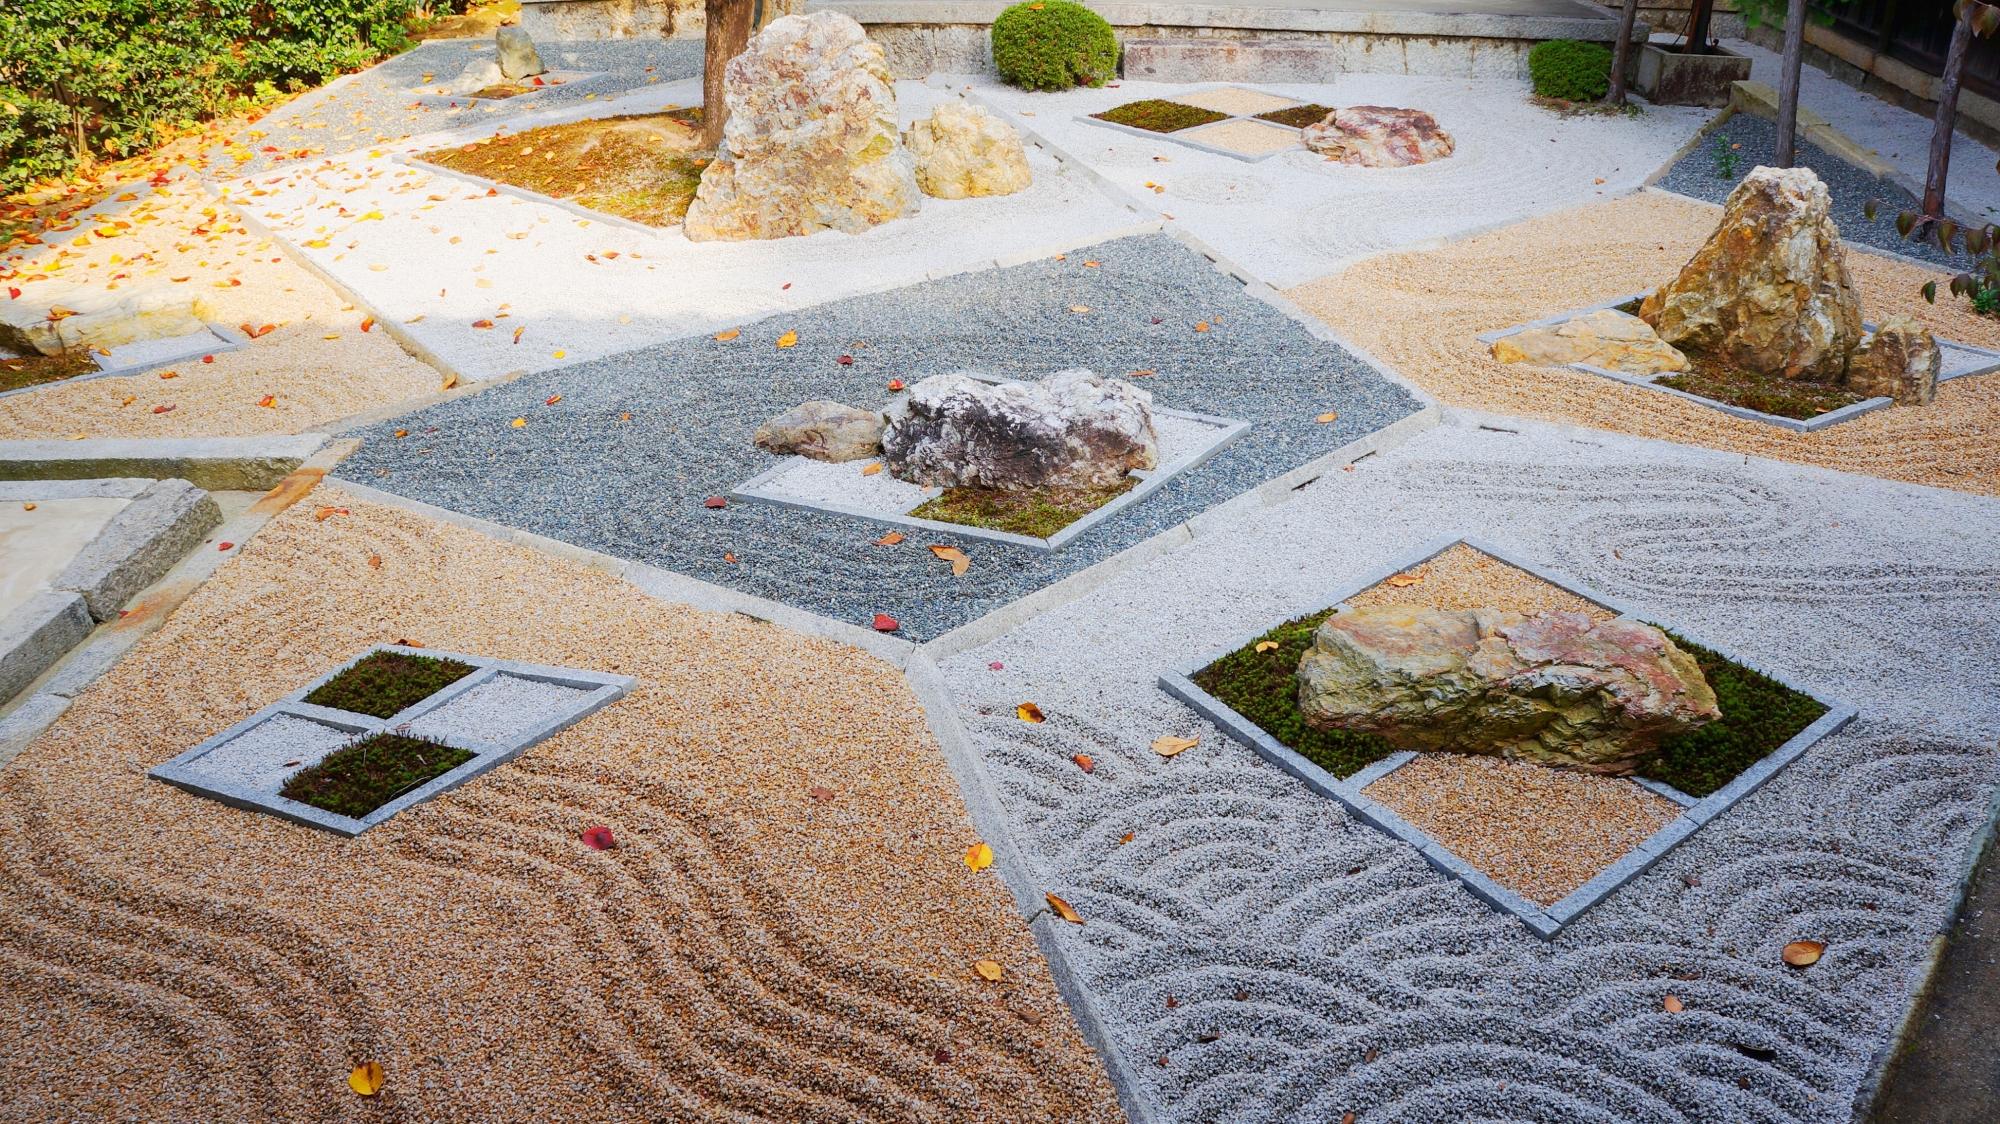 幾何学的な模様が特徴的な枯山水庭園である真如堂の随縁の庭